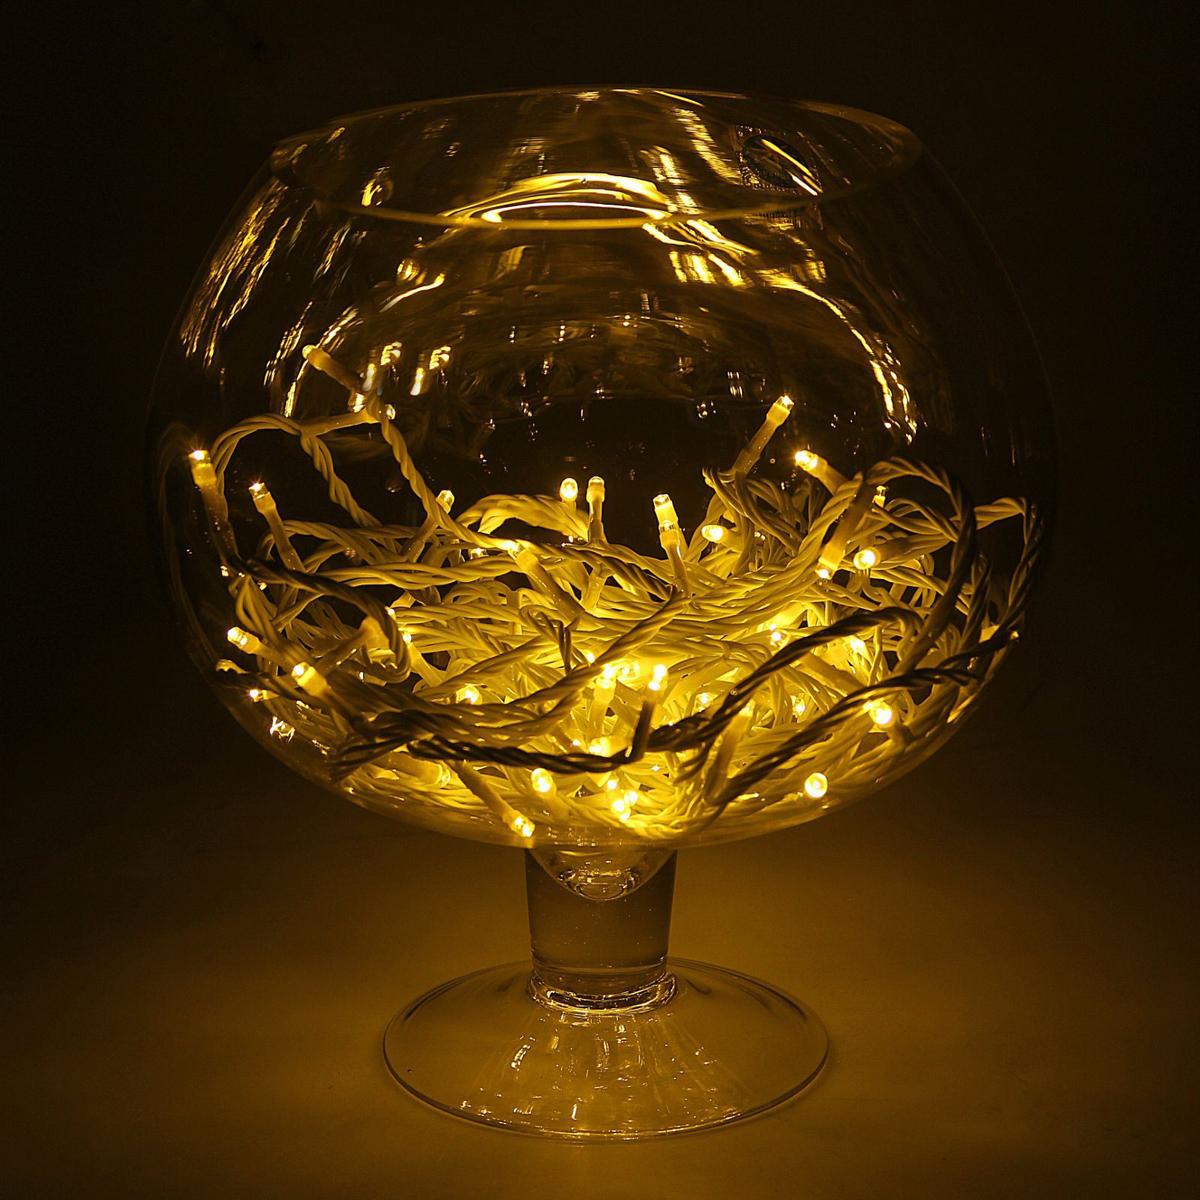 Гирлянда Luazon Метраж, длина 10 м, LED 100 ламп, 24В, цвет: желтый. 1672043 гирлянда luazon дождь 2m 6m multicolor 671678